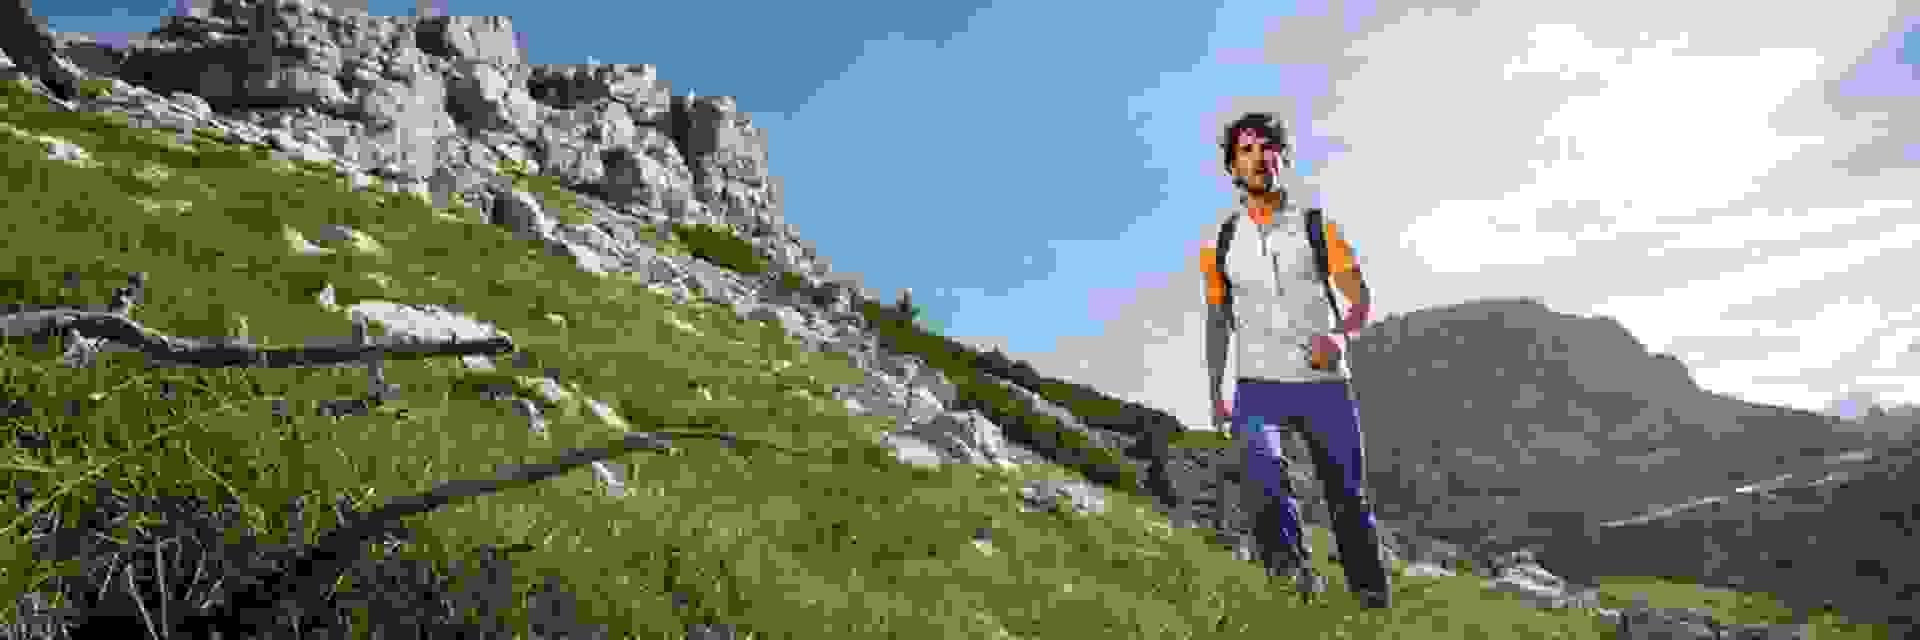 ein Mann wandert auf einem grünbewachsenem Berggipfel.